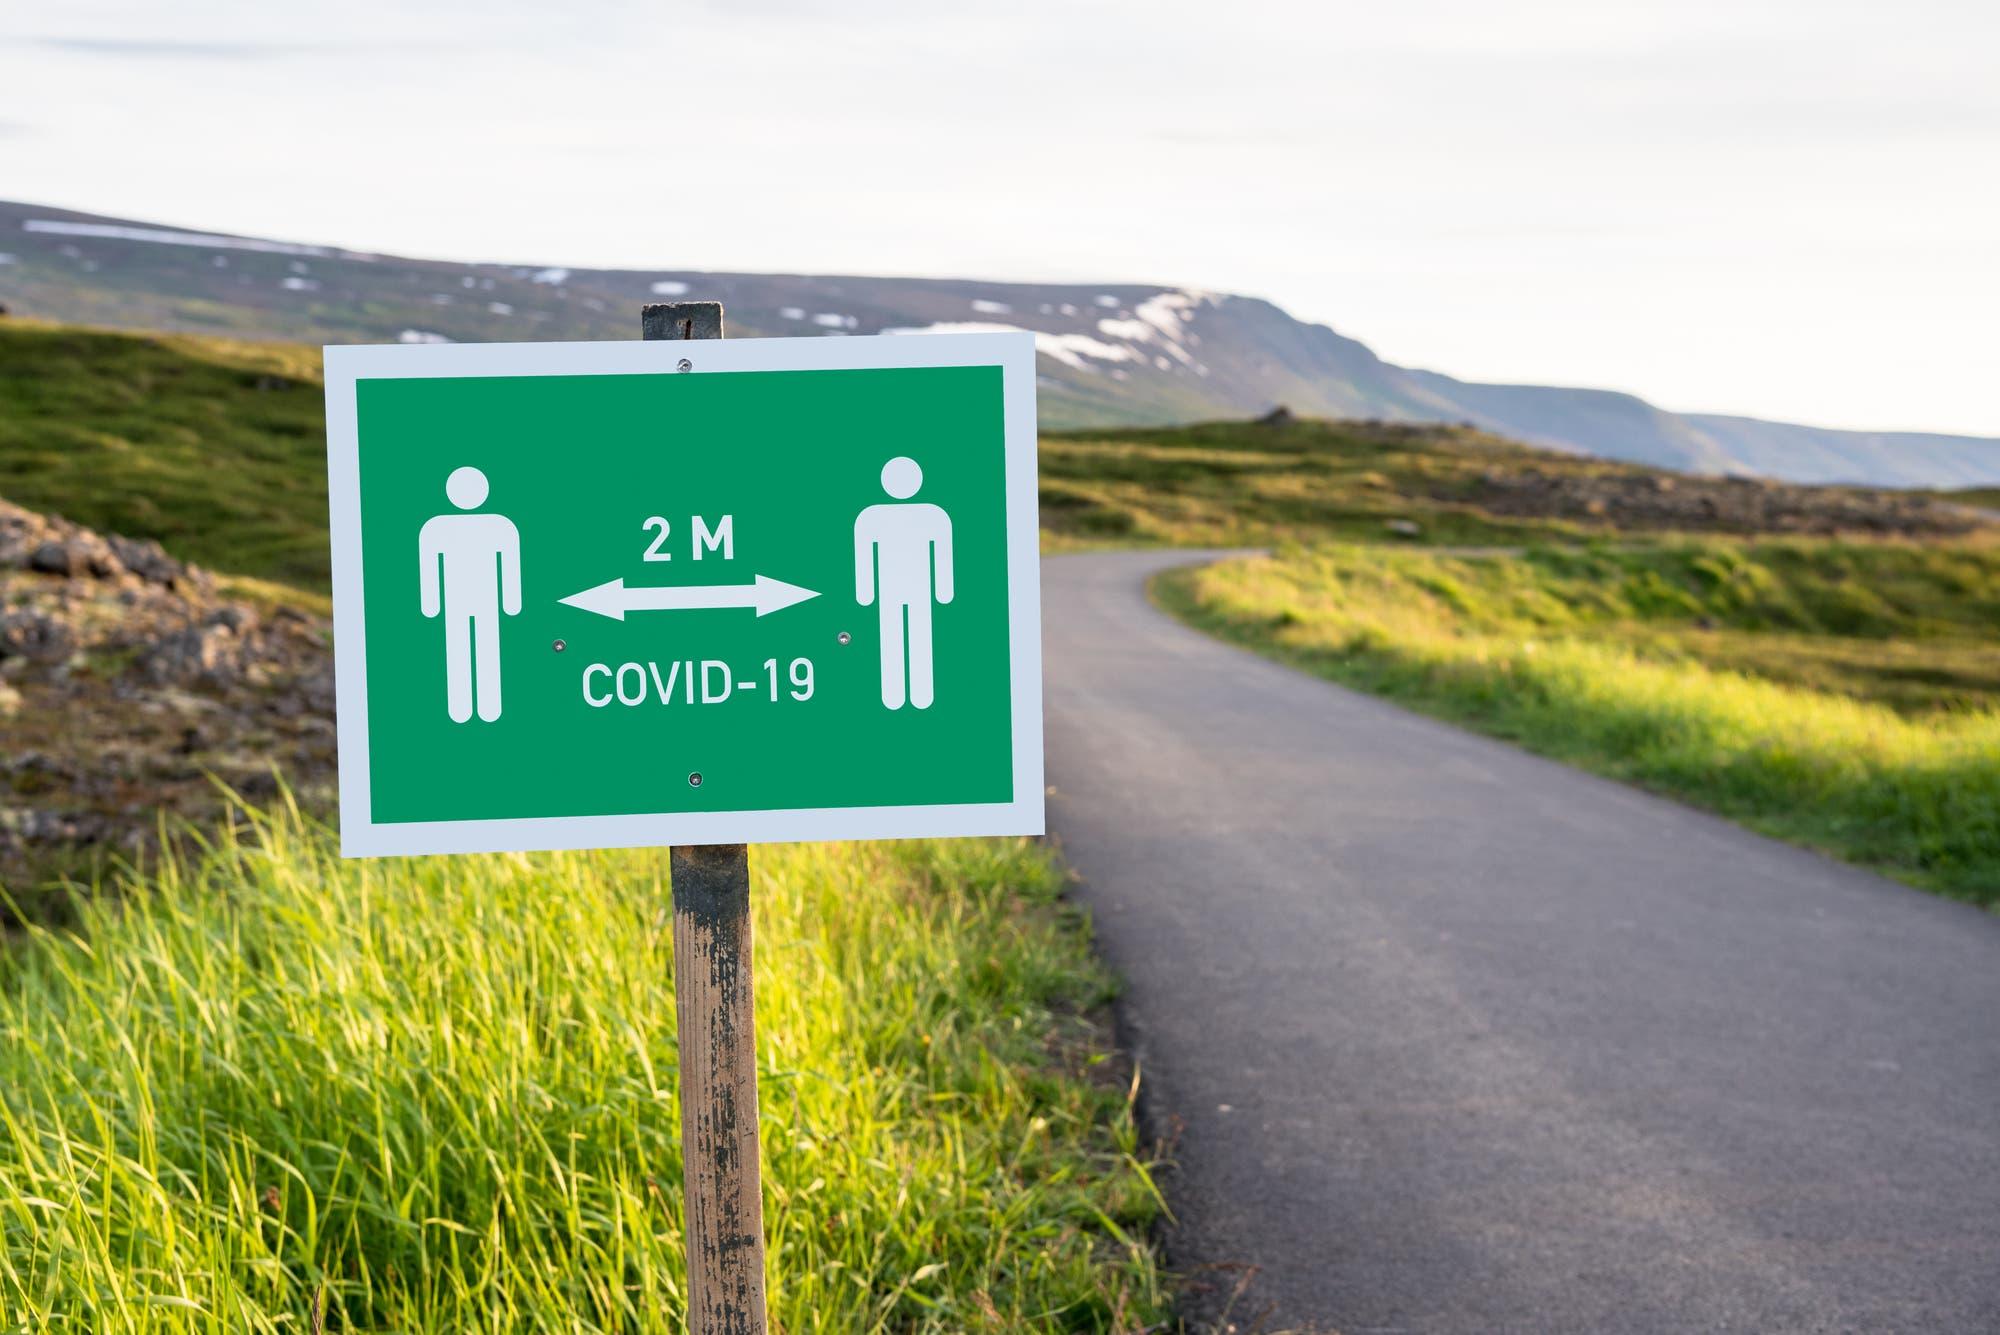 Die isländische Regierung war gut auf Covid-19 vorbereitet und verabschiedete Anfang Januar, zwei Monate vor der Ankunft des Virus, einen nationalen Bereitschaftsplan für eine Pandemie.